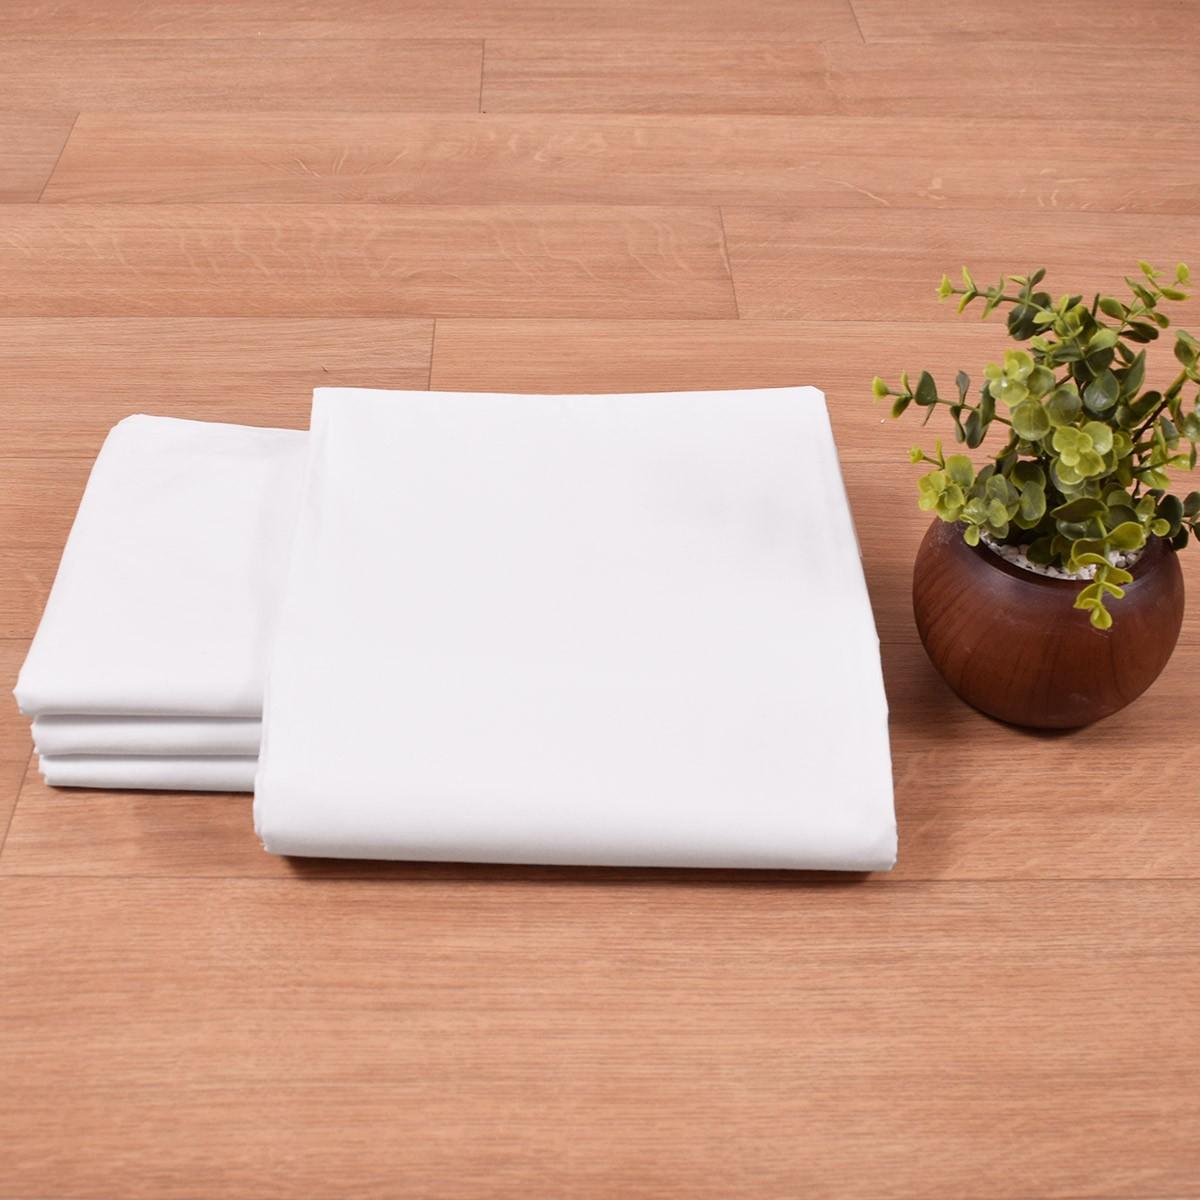 Σεντόνι (190x300) 50%Βαμβάκι 50%Polyester T170 home   επαγγελματικός εξοπλισμός   ξενοδοχειακός εξοπλισμός   σεντόνια ξενοδοχεί